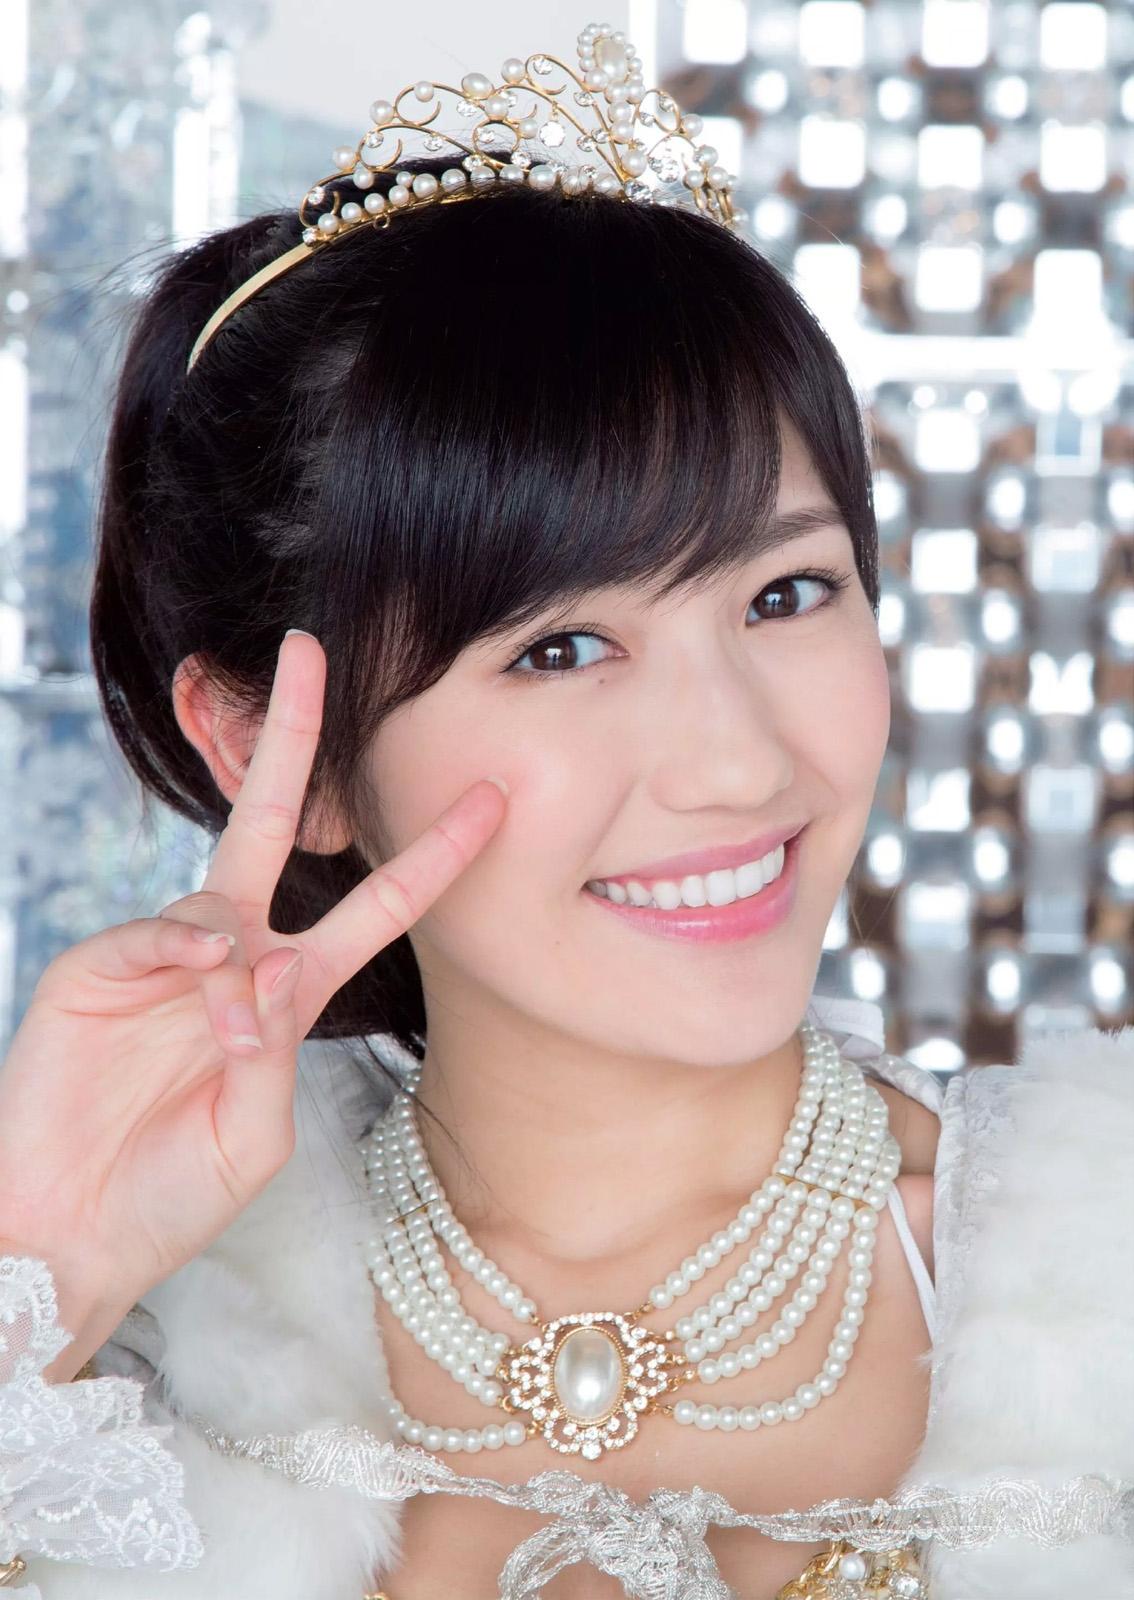 渡辺麻友 (14)